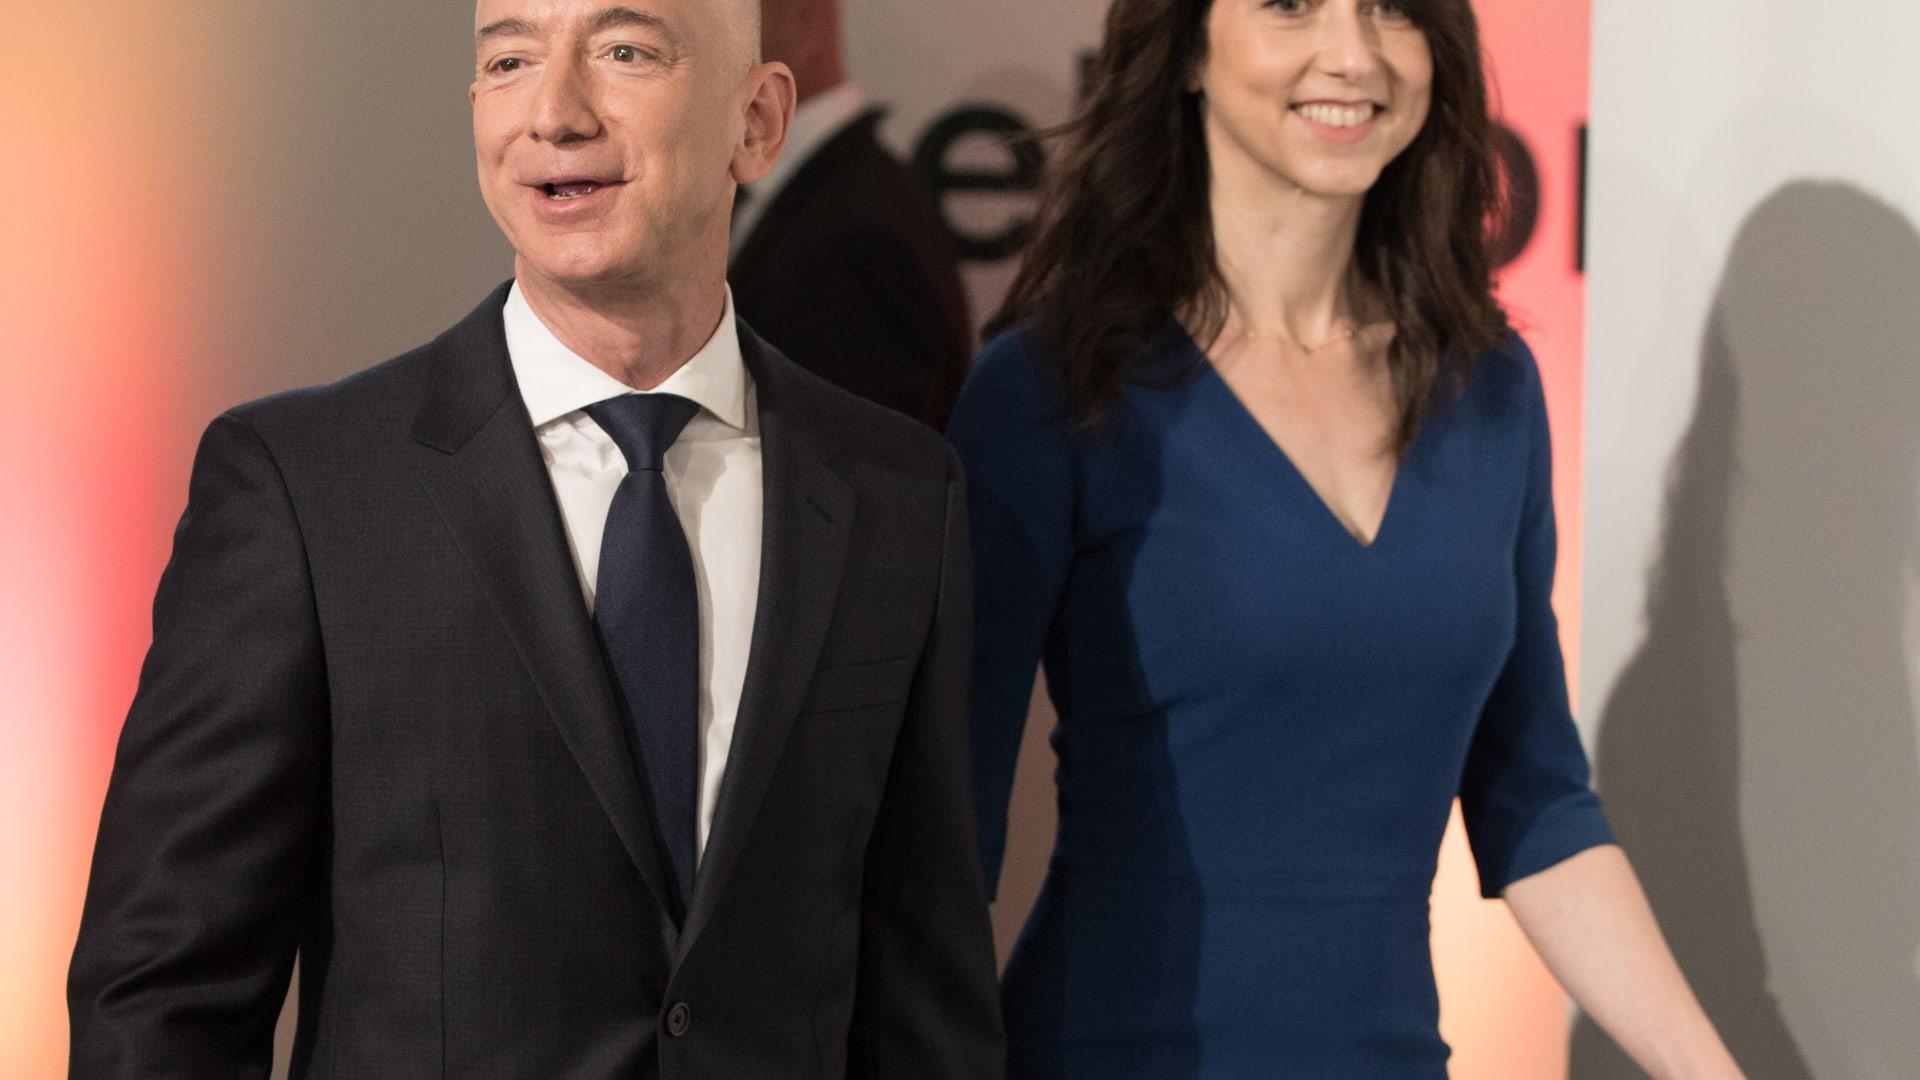 بعد طلاق مؤسس أمازون.. لماذا تستحق المطلقات نصف ثروة الأزواج